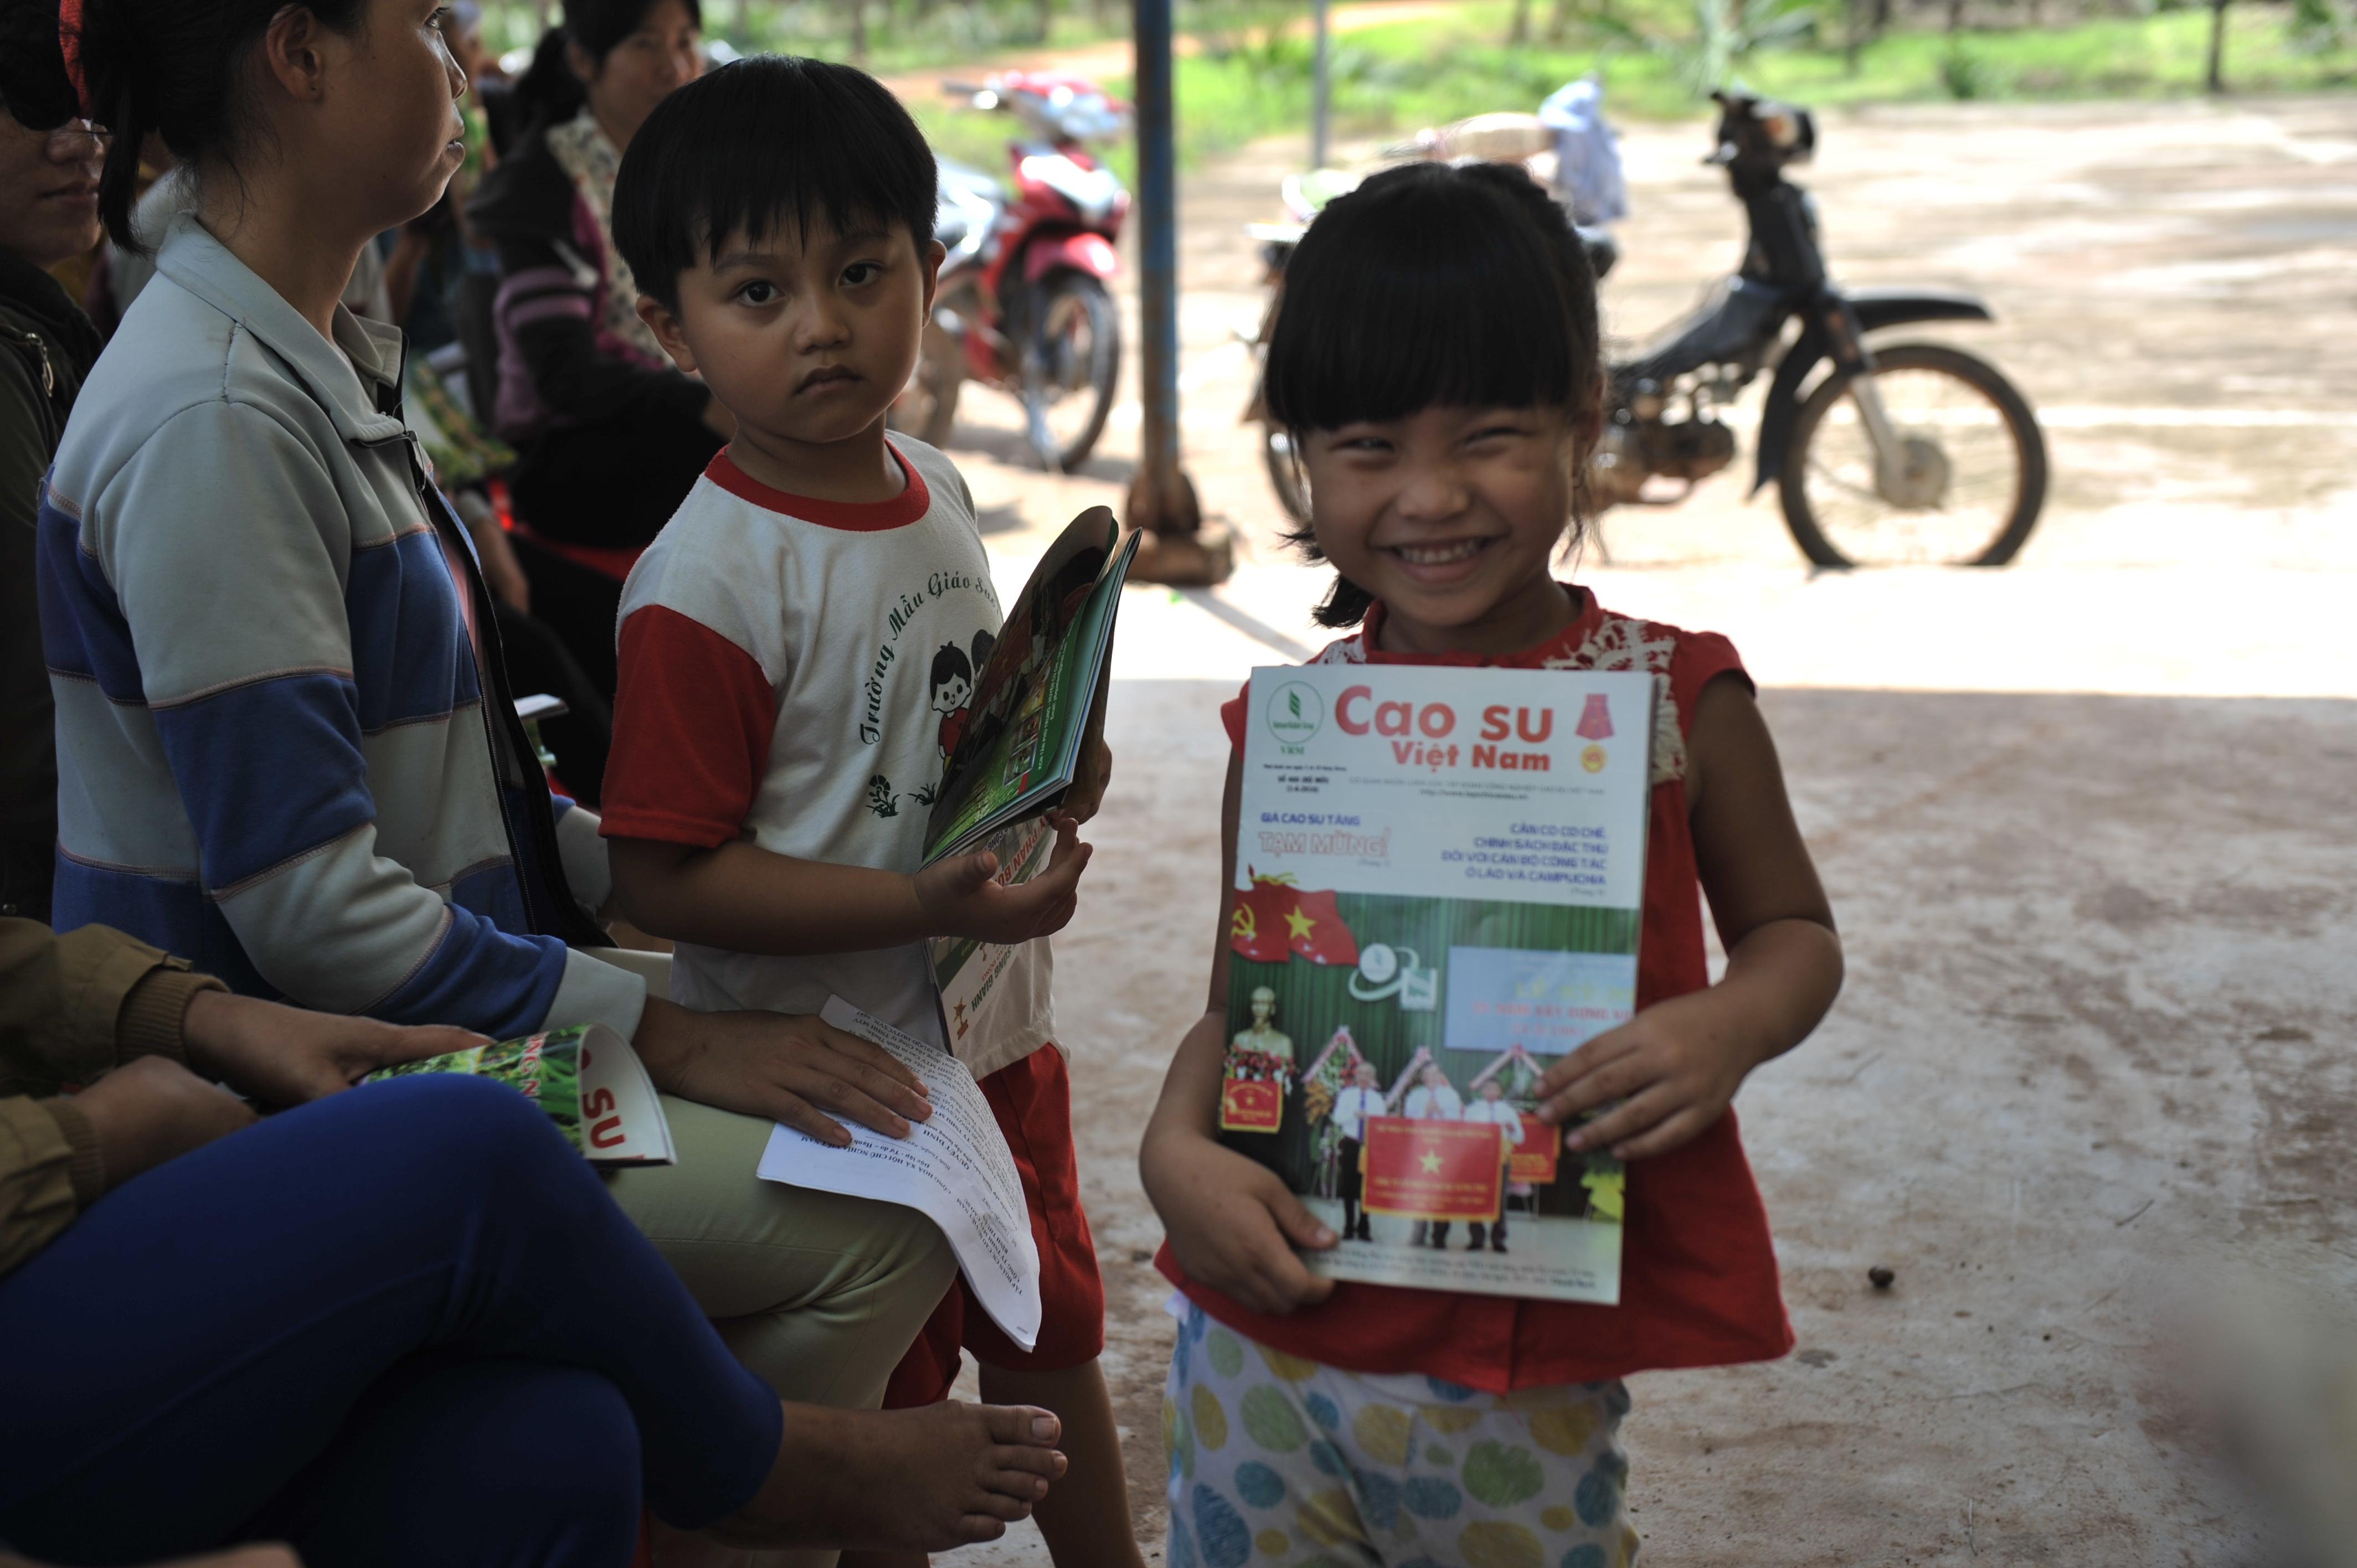 Con em công nhân cũng thích đọc Tạp chí Cao su VN. Ảnh: Tùng Châu